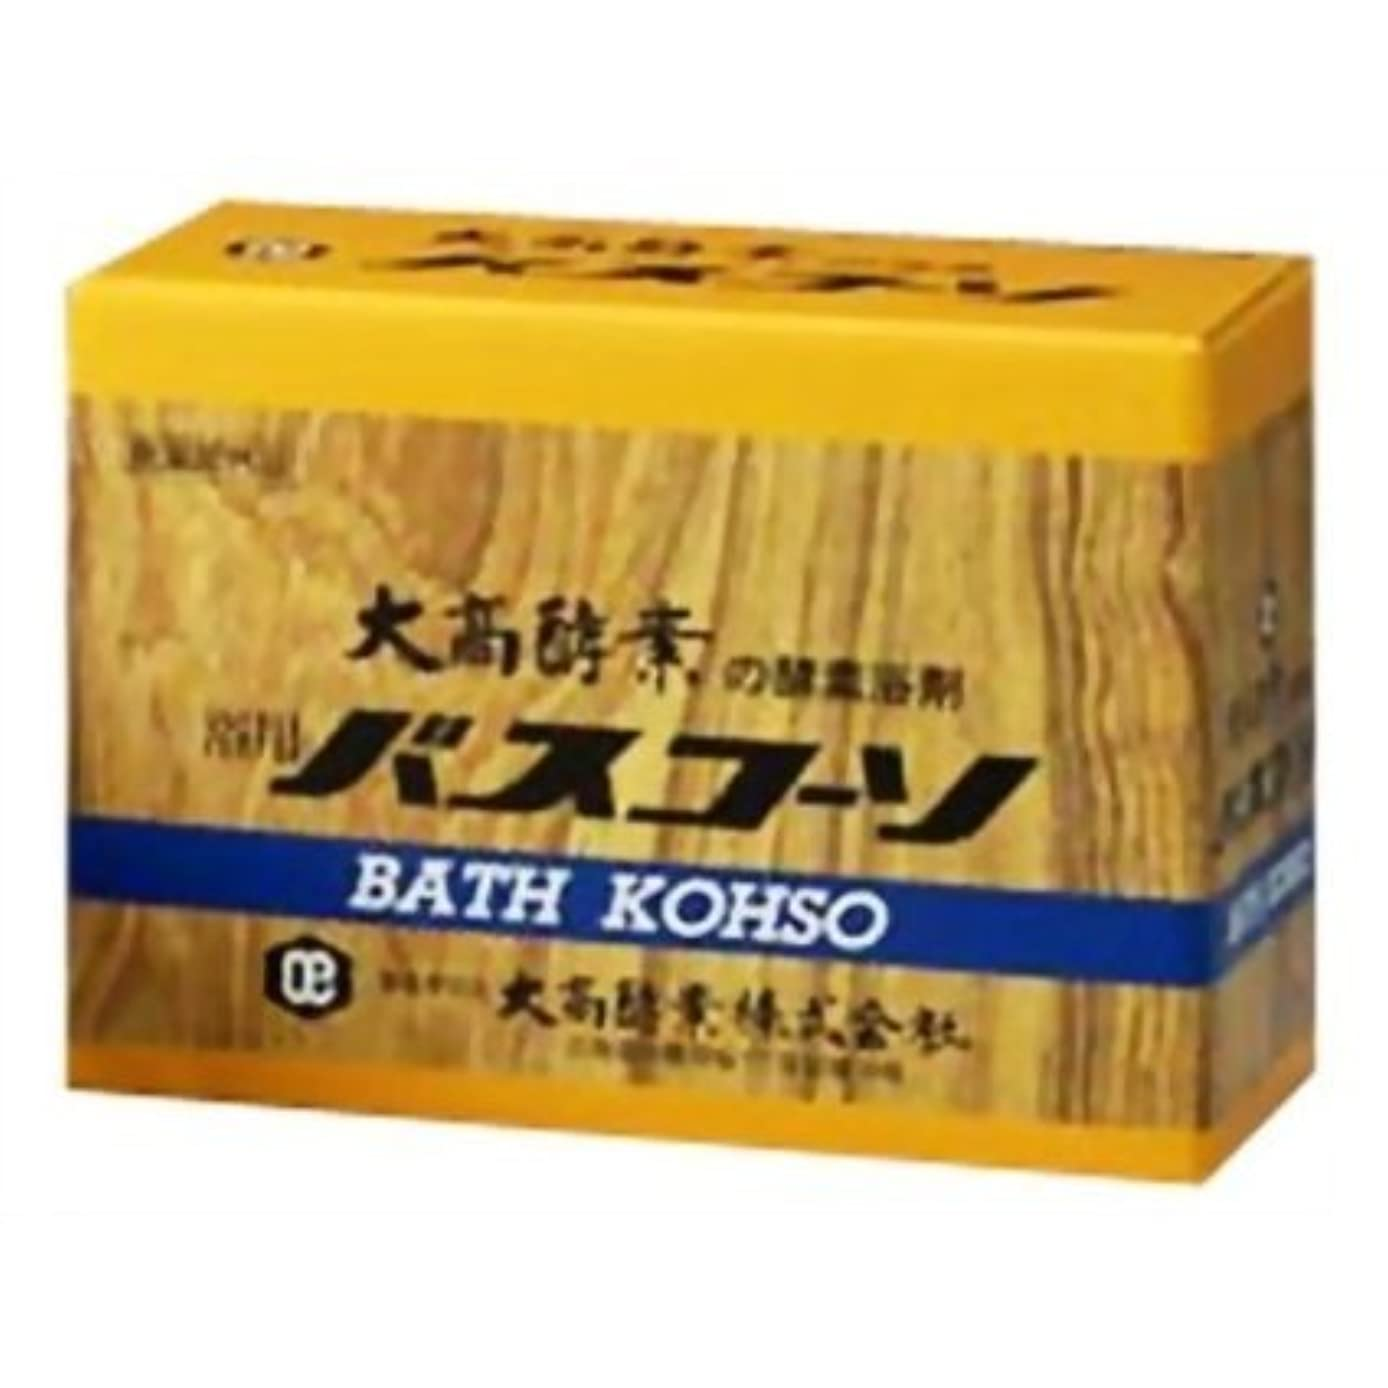 ファイタージャンピングジャック十分ではない大高酵素 浴用バスコーソ 100gx6 【4個セット】